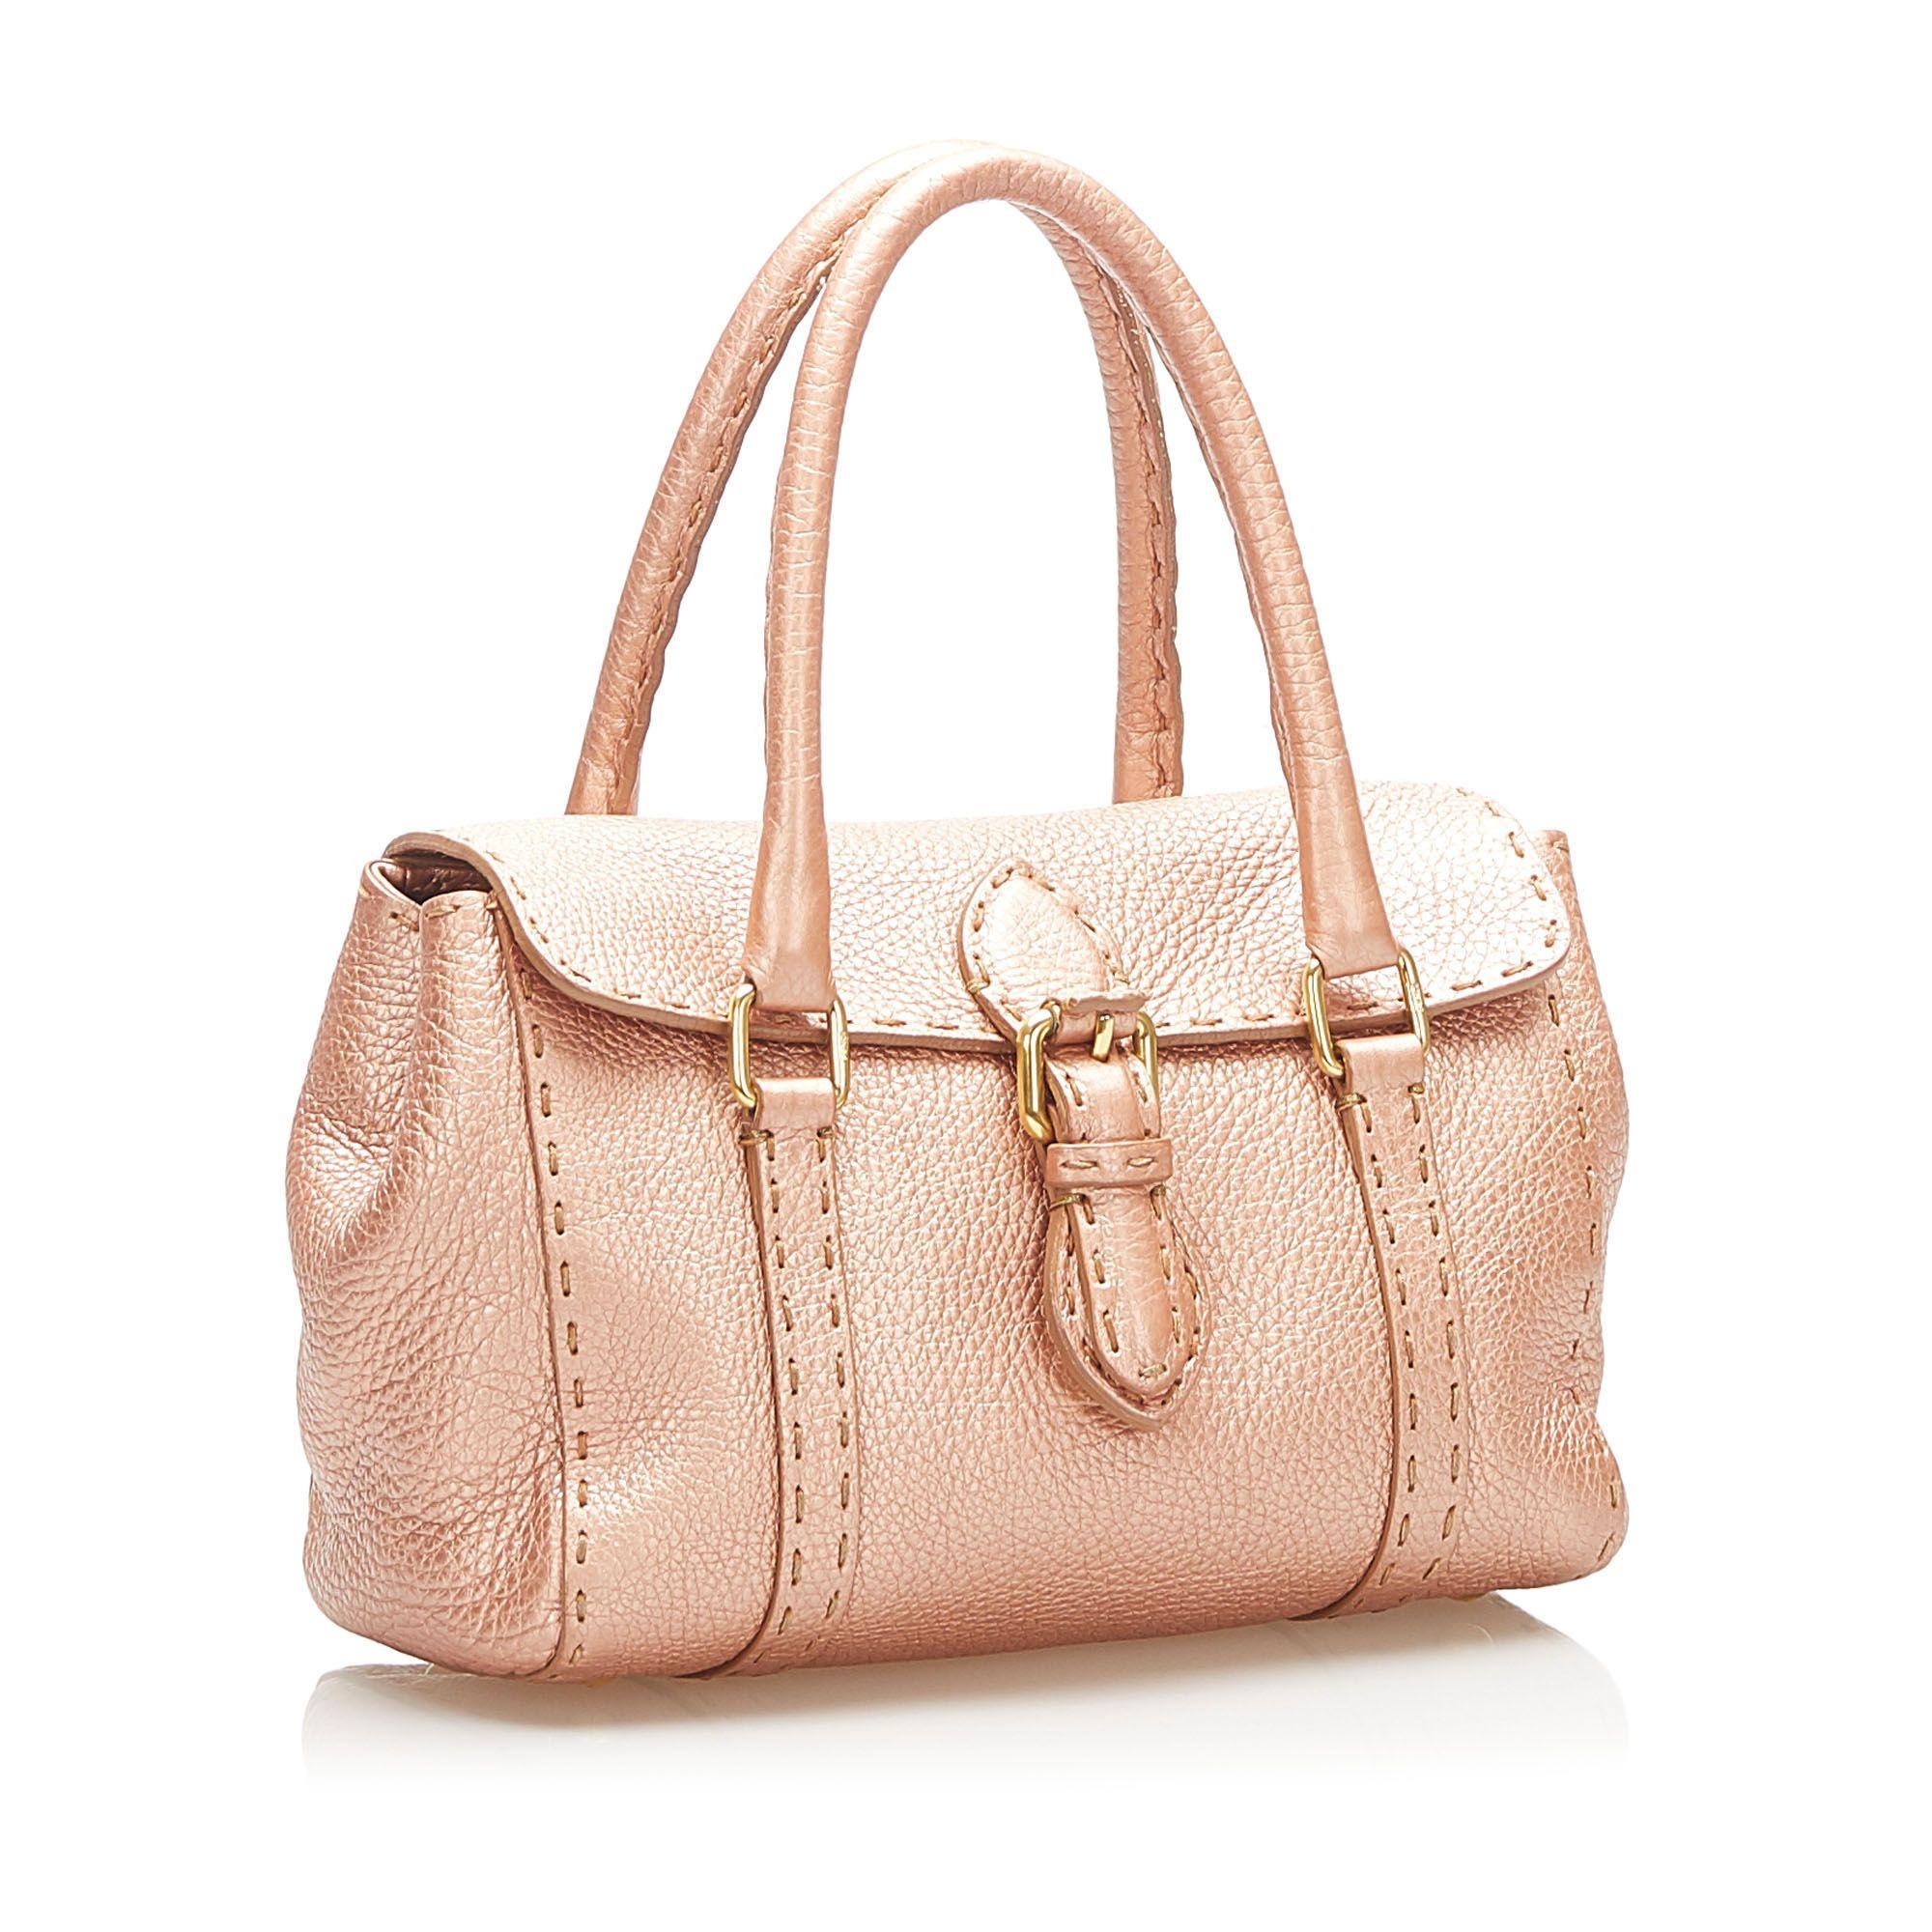 Vintage Fendi Mini Selleria Linda Leather Handbag Pink